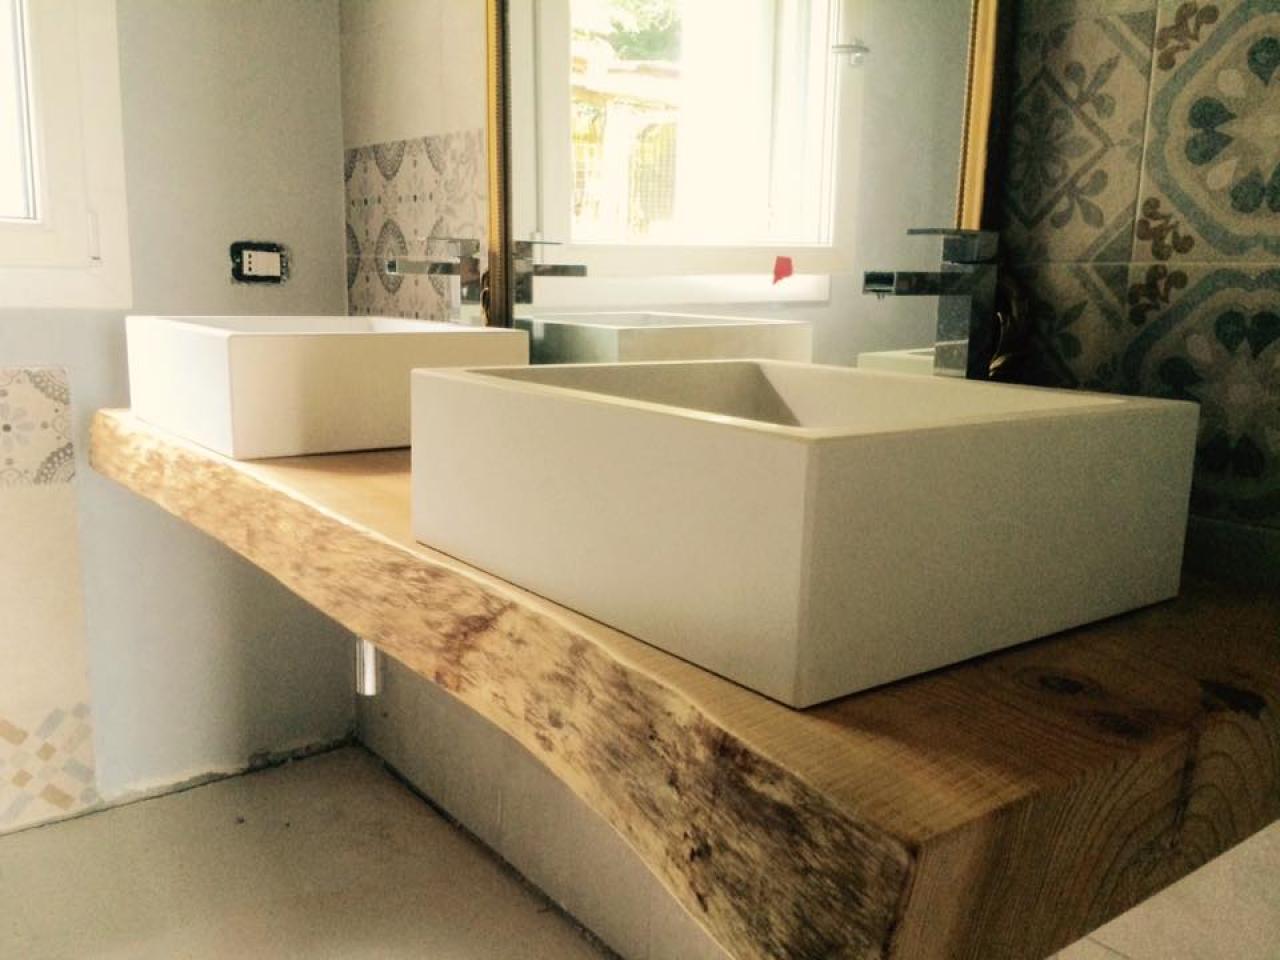 Mobili Rustici Bagno : Mobile bagno rustico u2013 galleria di immagini domestiche